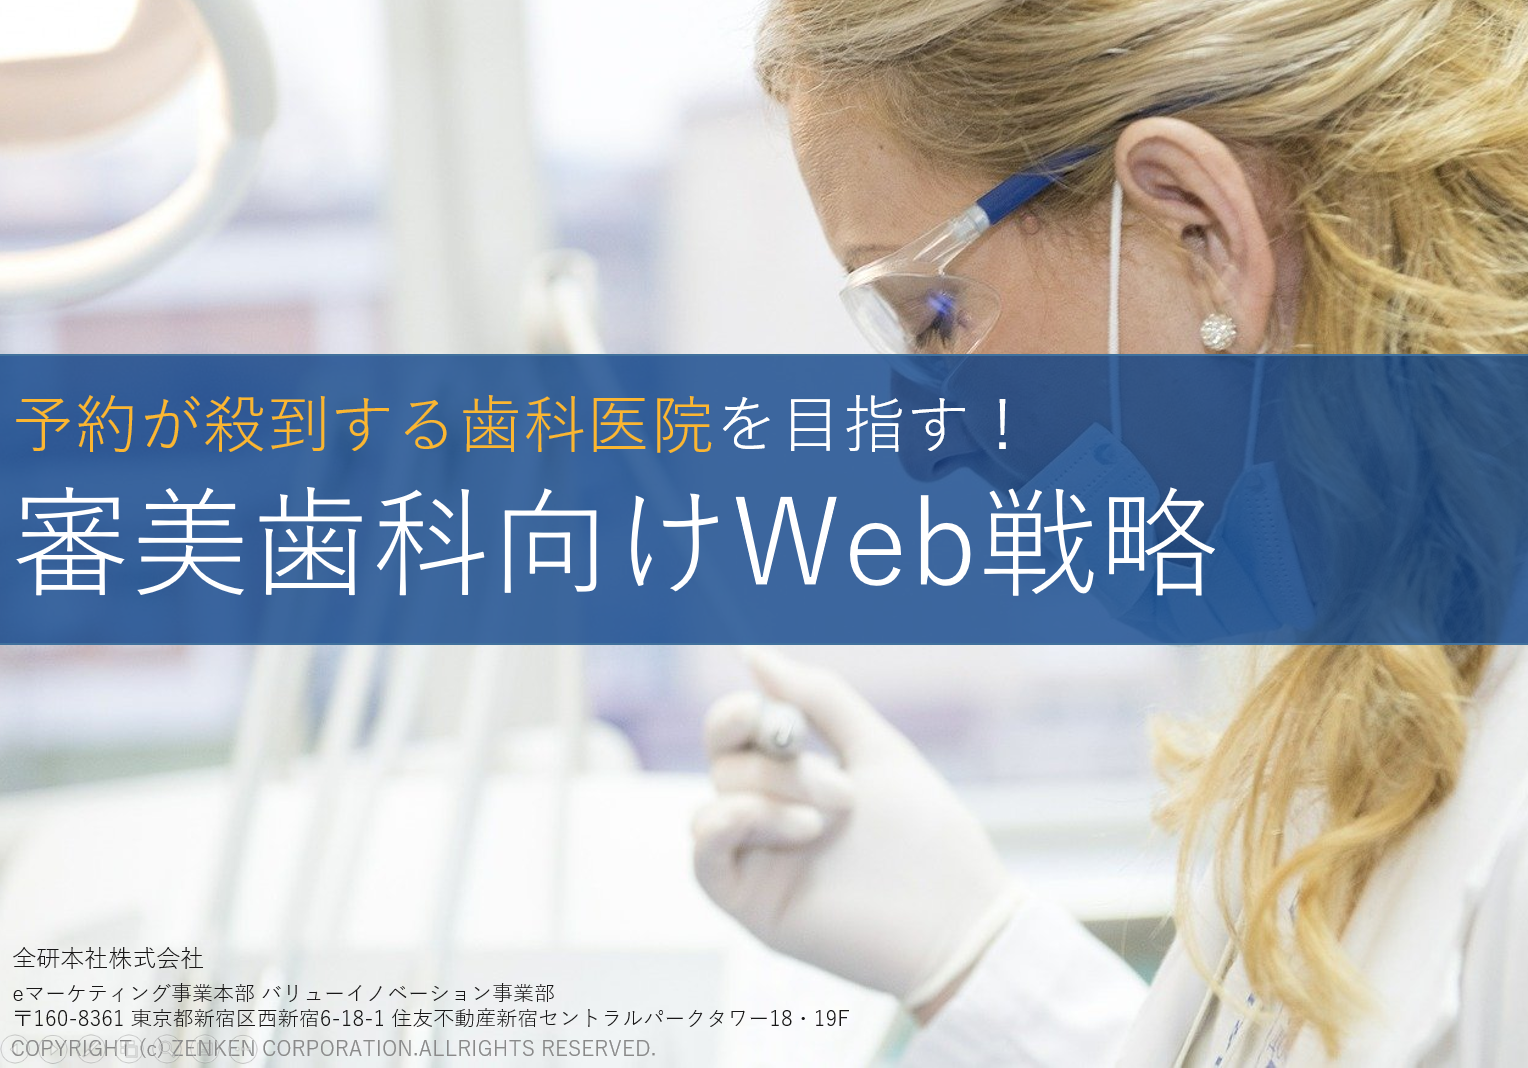 【資料】予約が殺到する審美歯科医院を目指す!審美歯科向けweb戦略